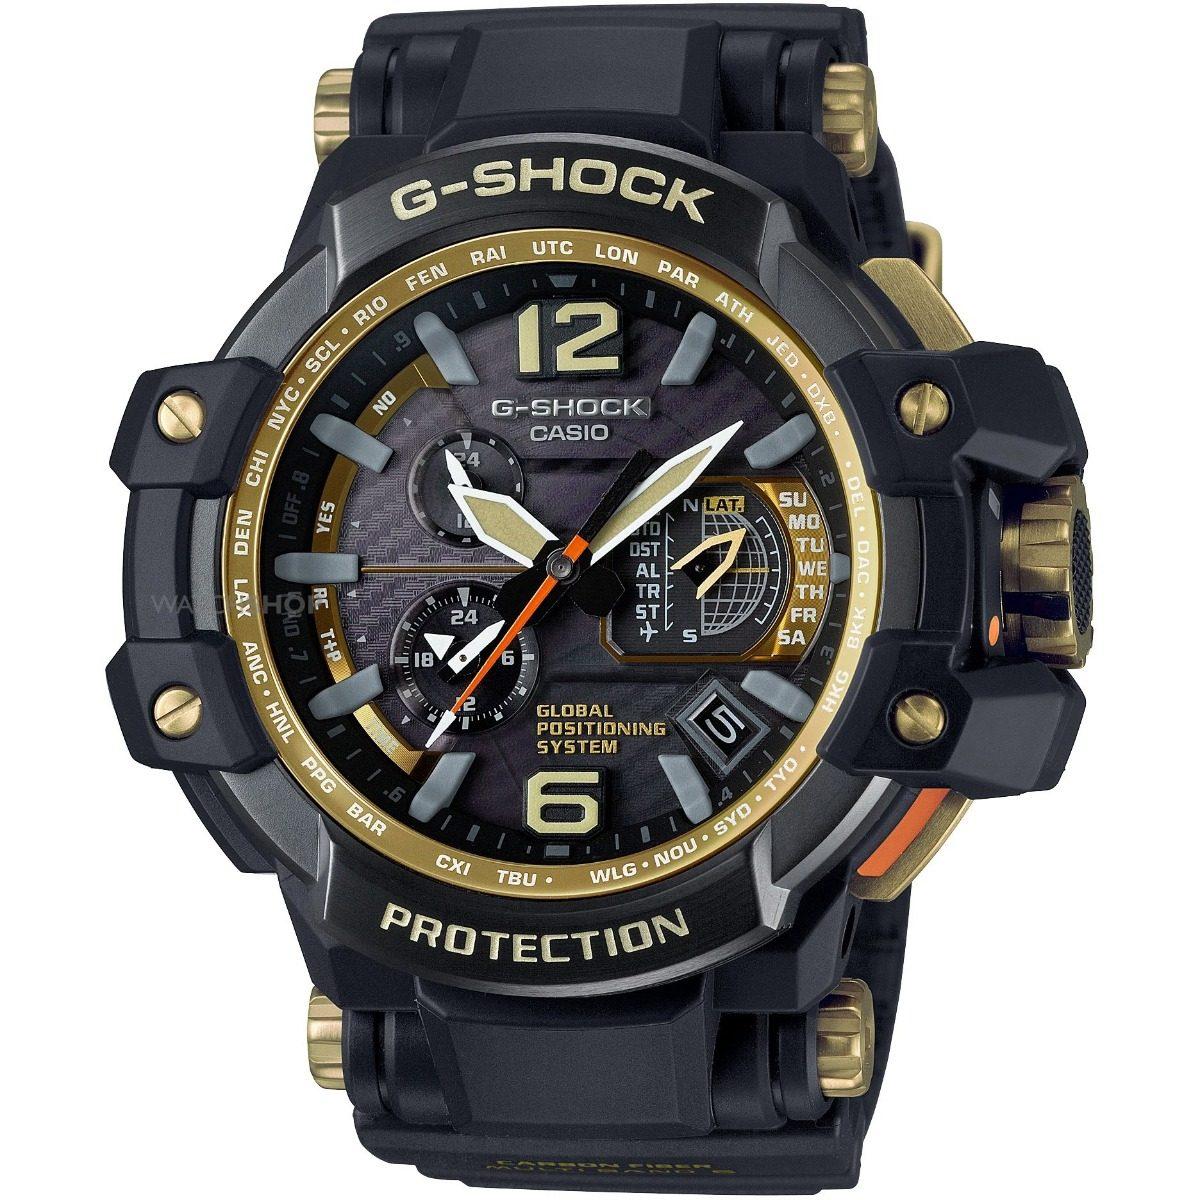 c13326412b0 relógios casio g-shock masculino digital analógico promoção. Carregando zoom .